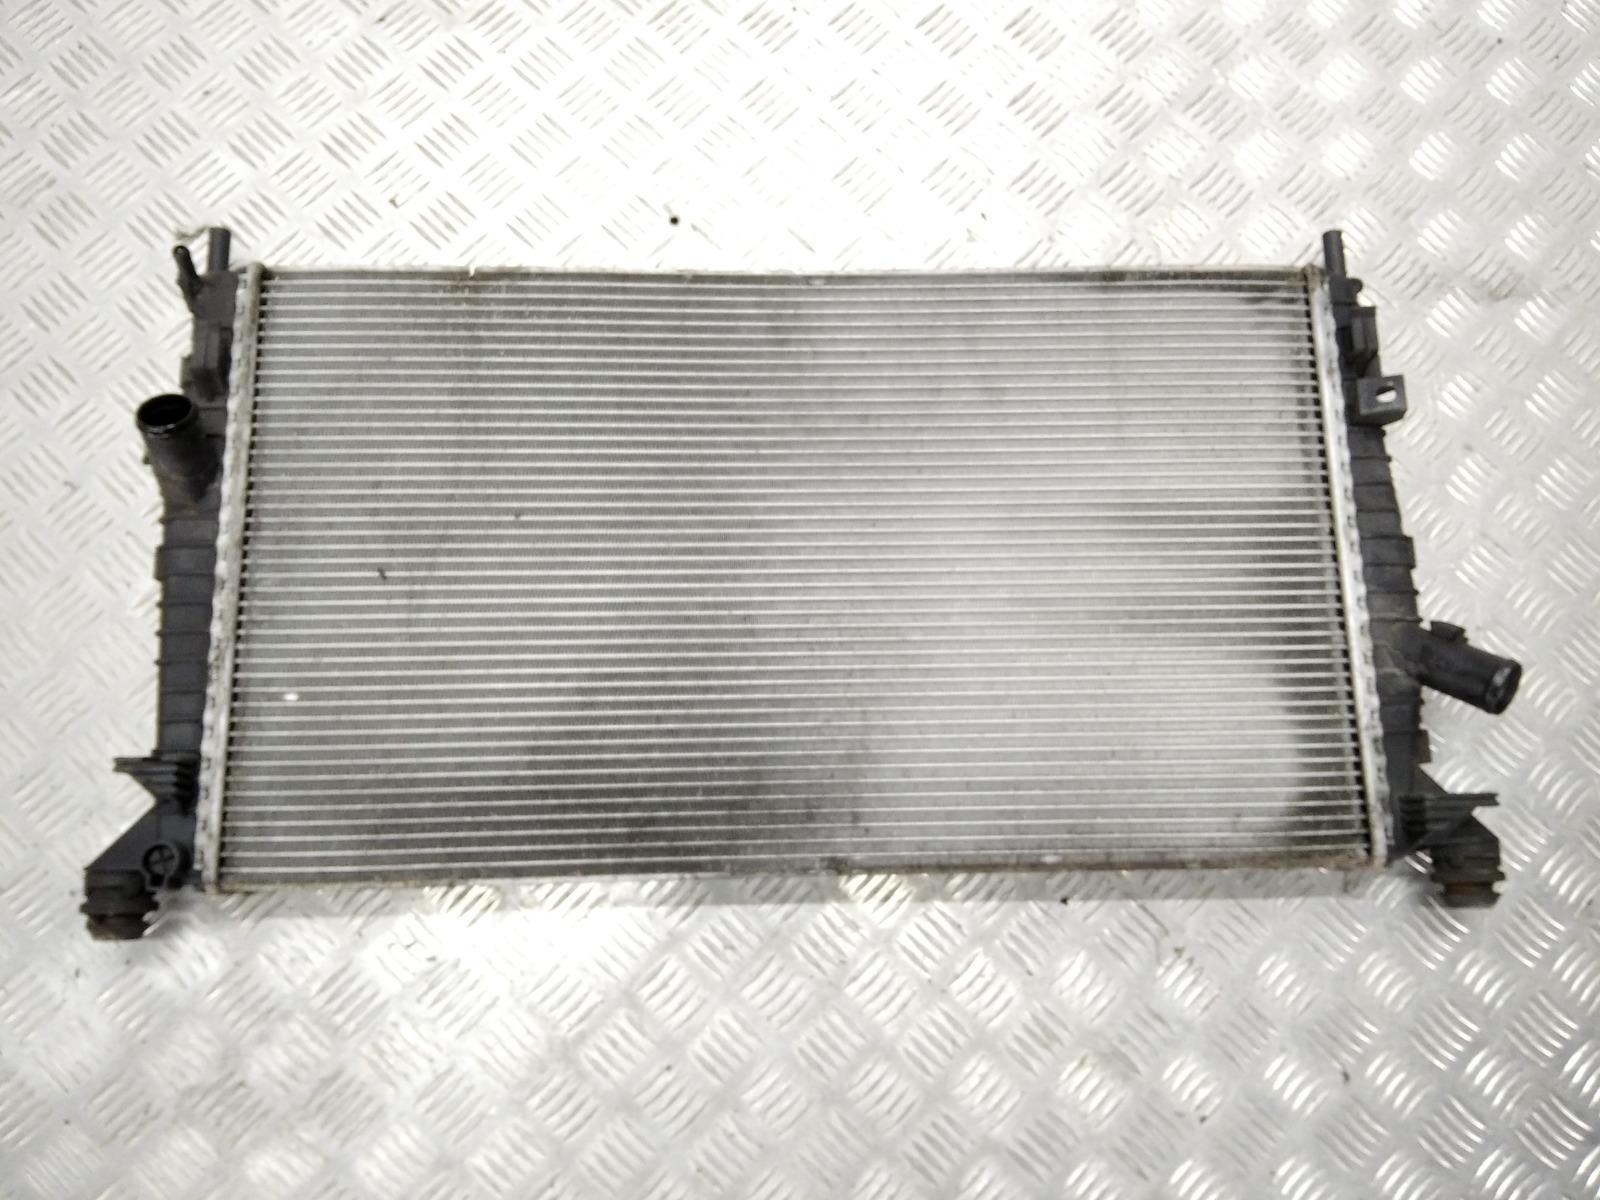 Радиатор (основной) Ford C-Max 1.8 TDCI 2008 (б/у)